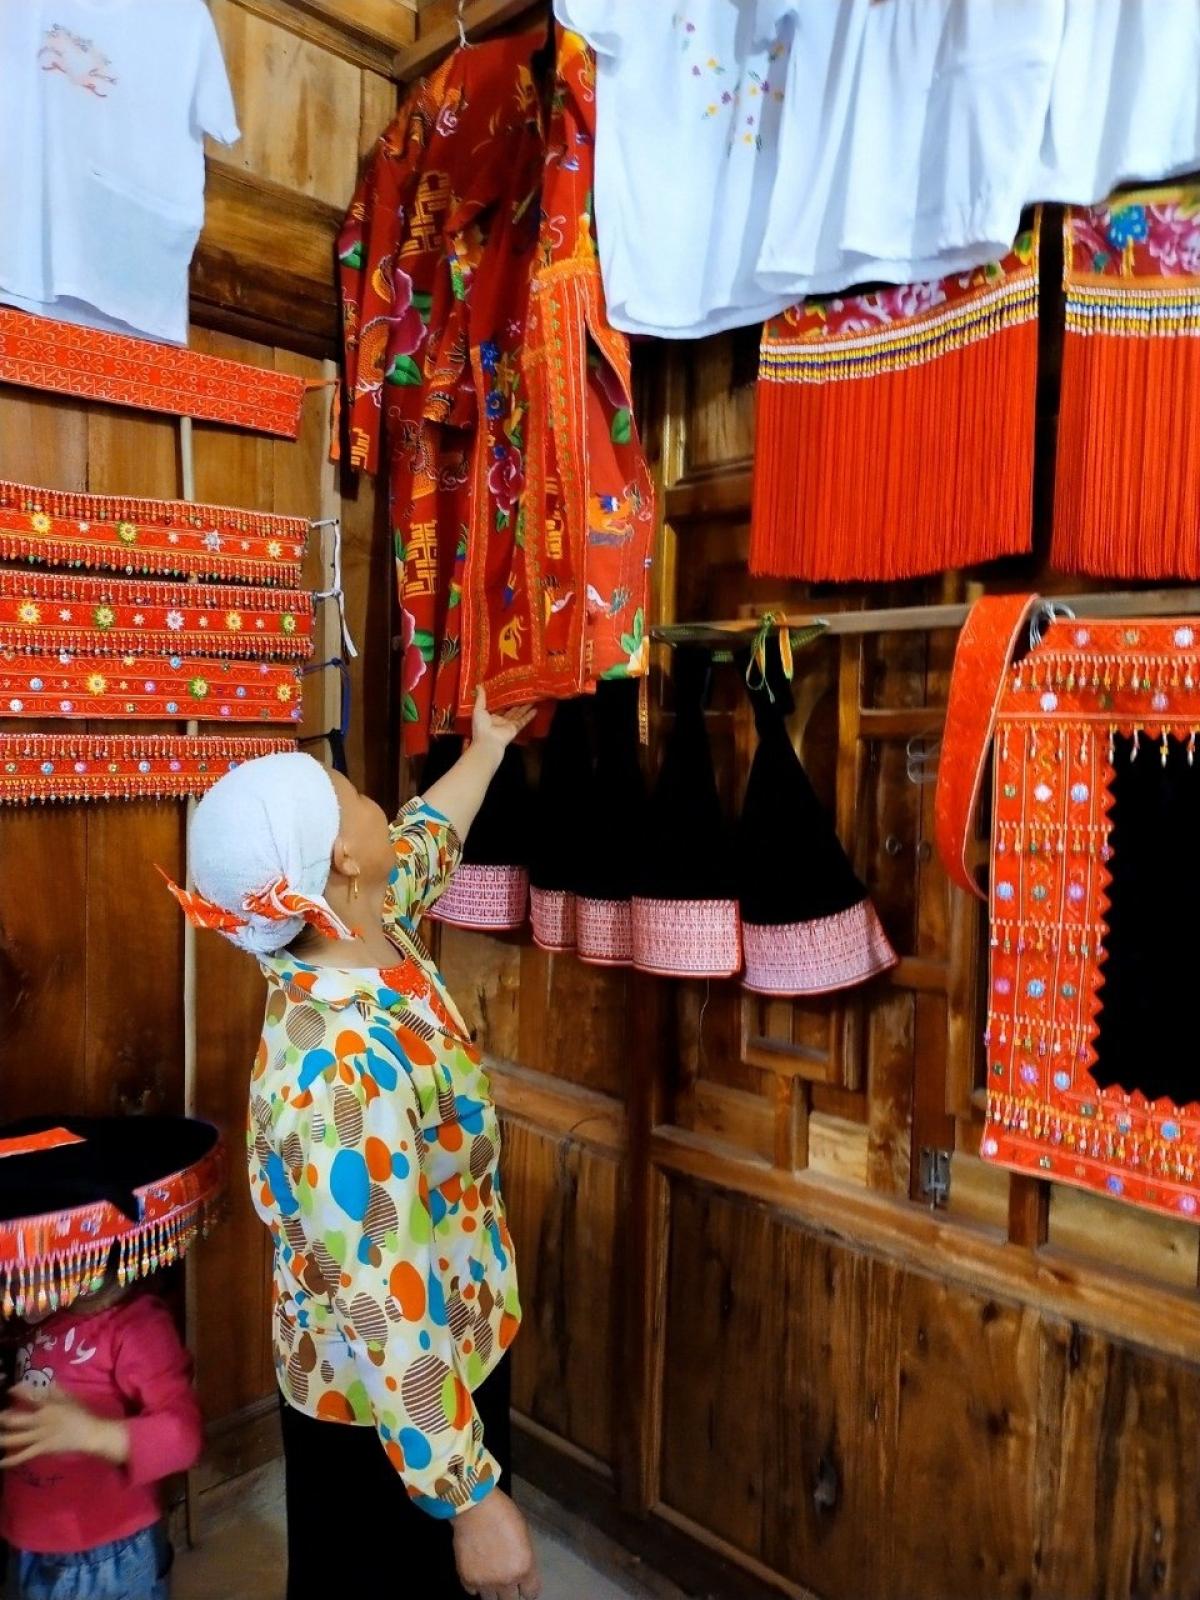 Bà Lý Mùi Lai giới thiệu lễ phục với họa tiết sặc sỡ trong lễ cấp sắc.Ảnh: Hồng Son